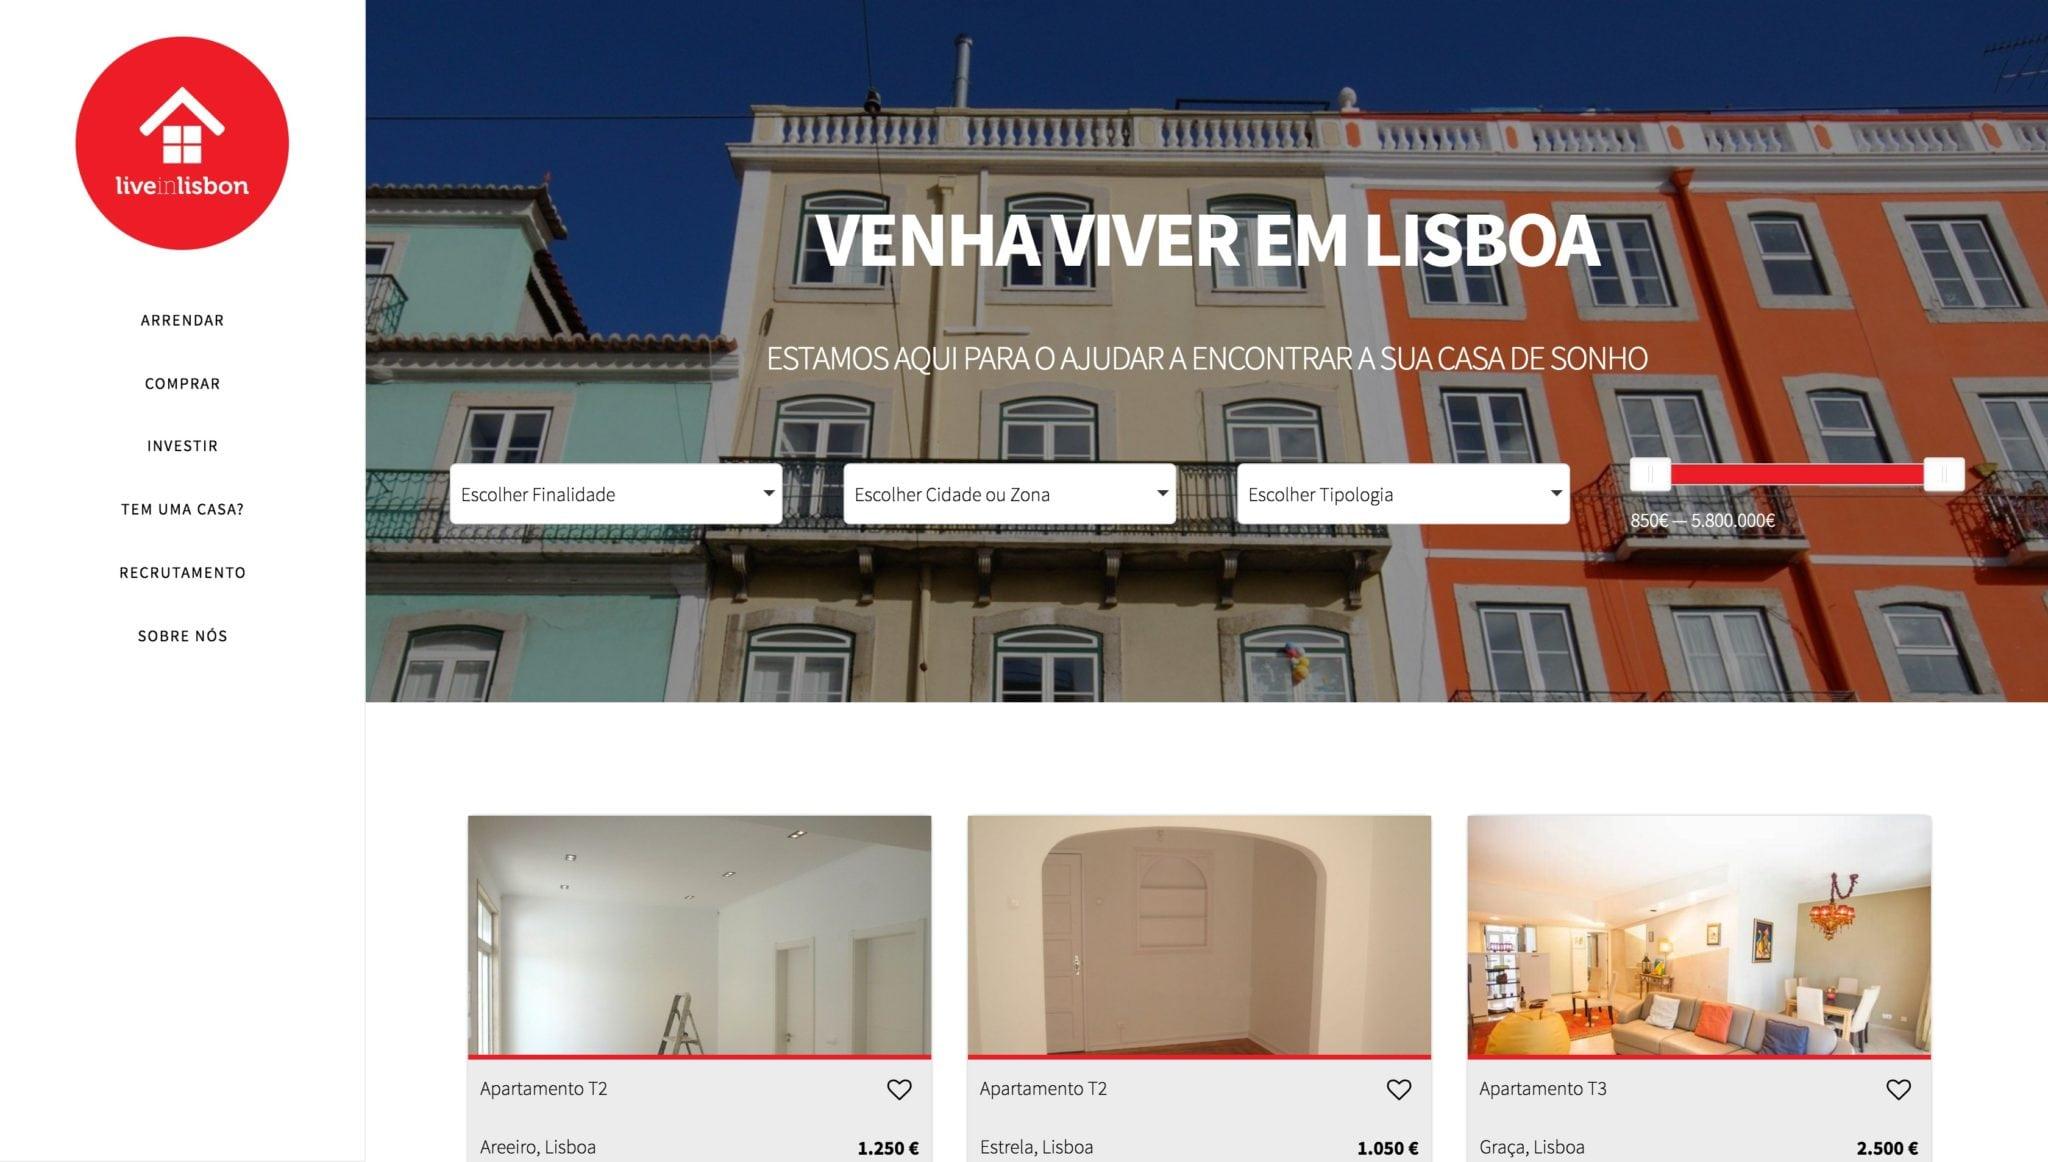 Live in Lisbon website